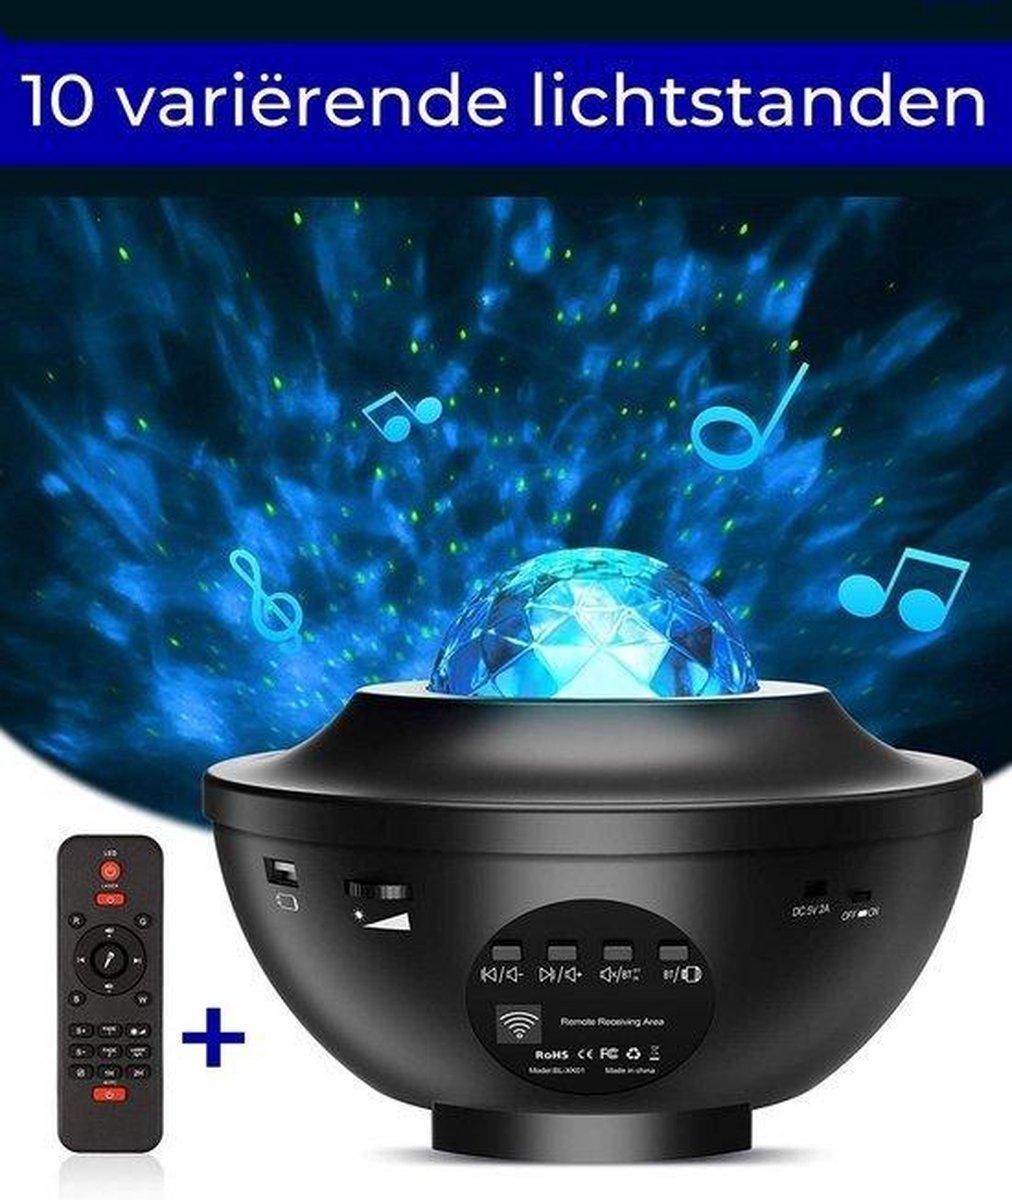 Zedar sterren projector - Zwart - Met afstandsbediening - 10 kleuren licht sterrenhemel (galaxy projector) op De Prijzenvolger